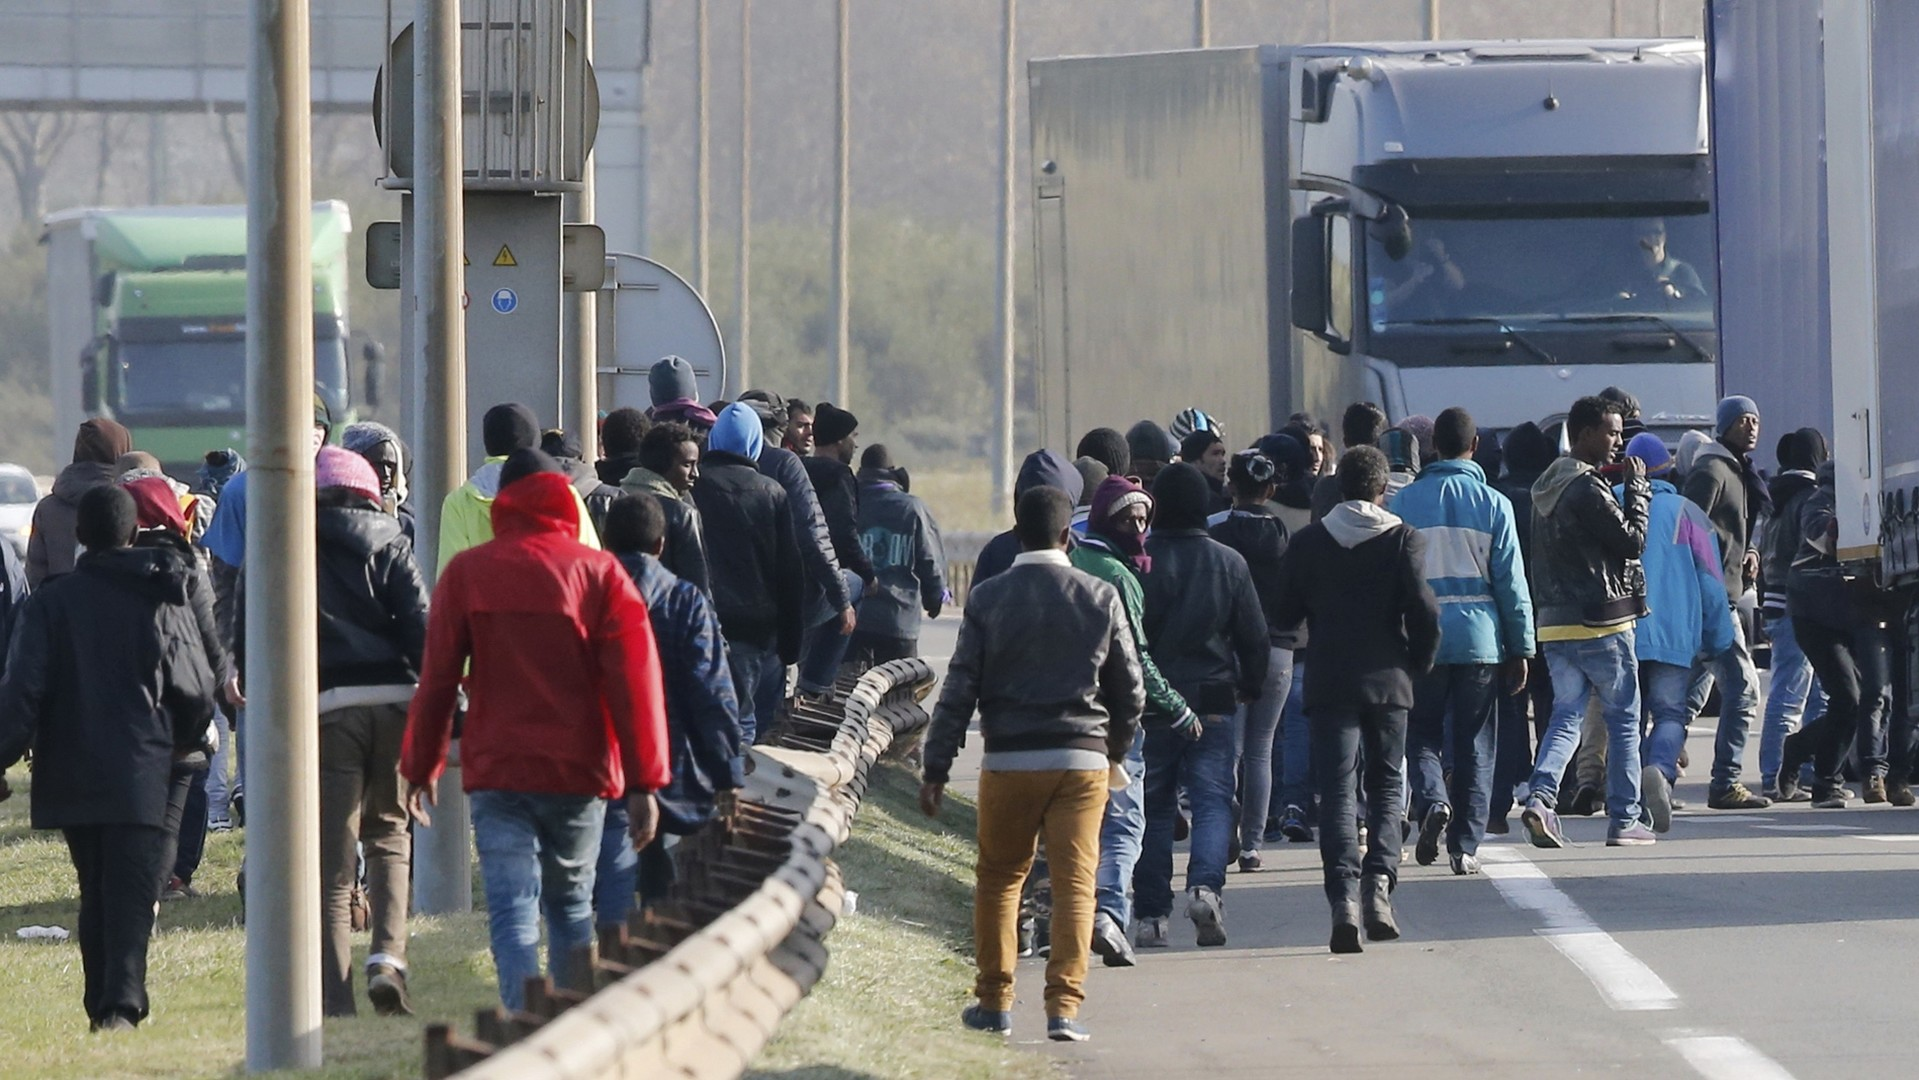 Des migrants cherchent à traverser illégalement la frontière